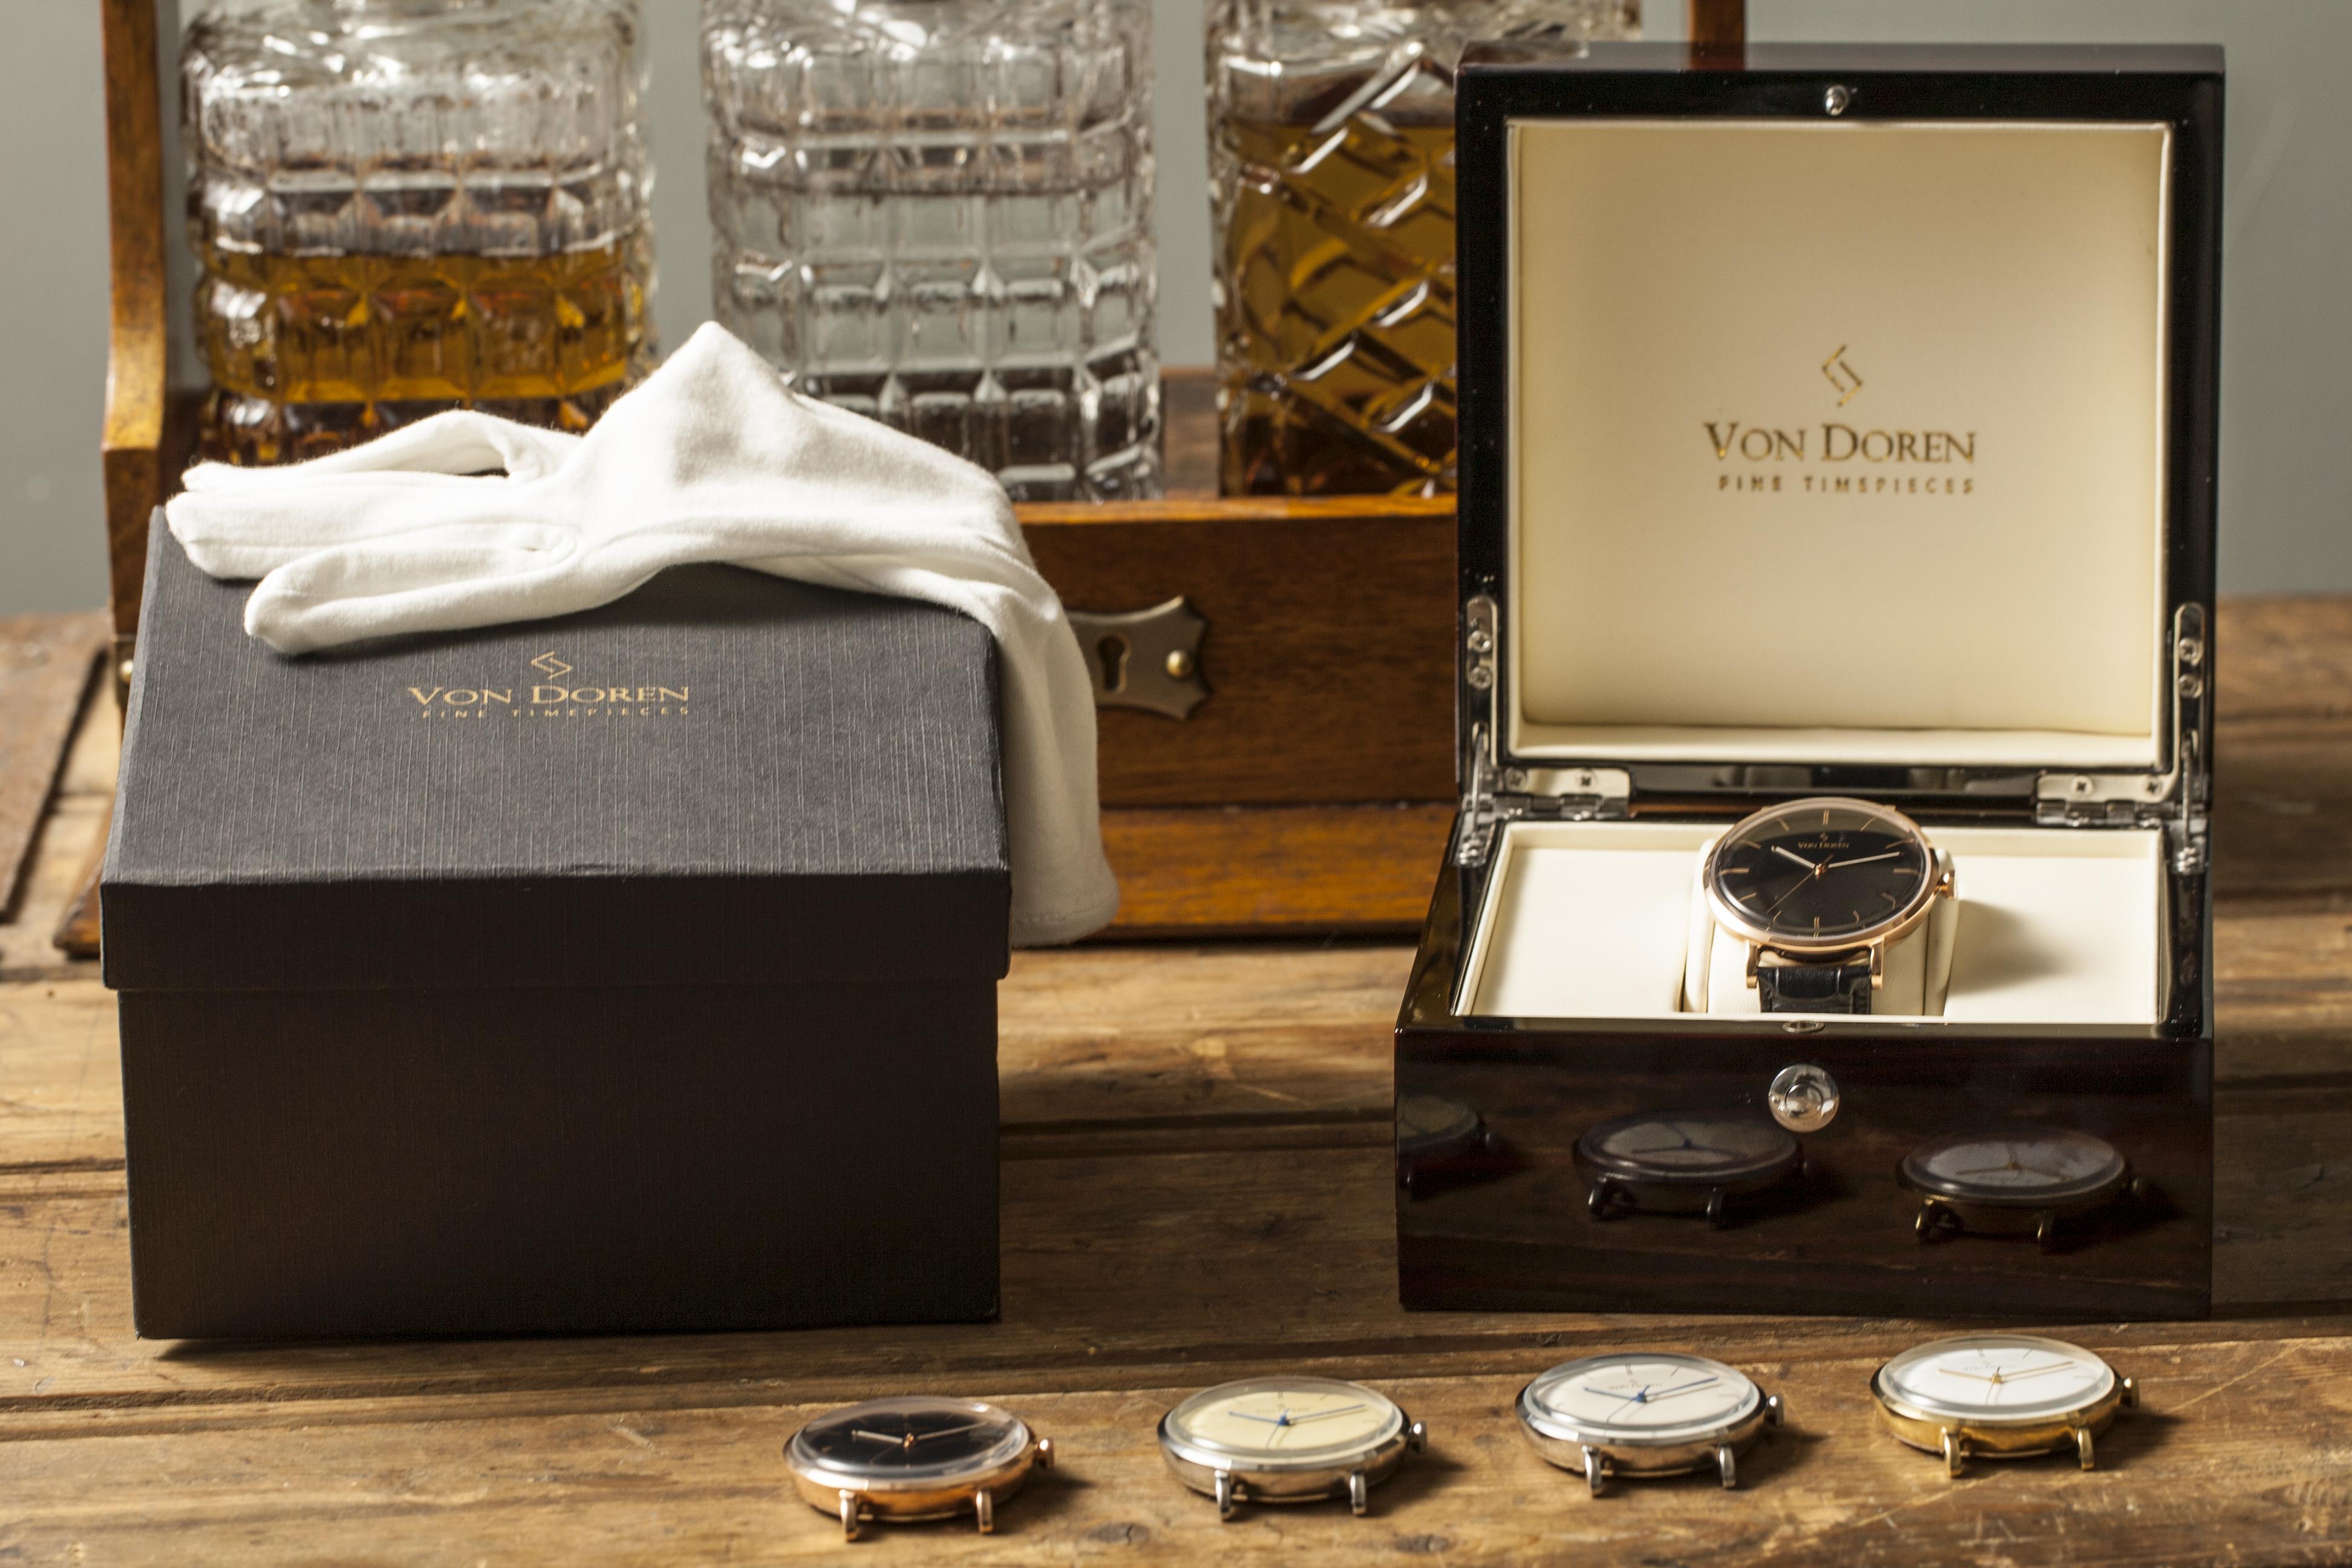 Von Doren watch box